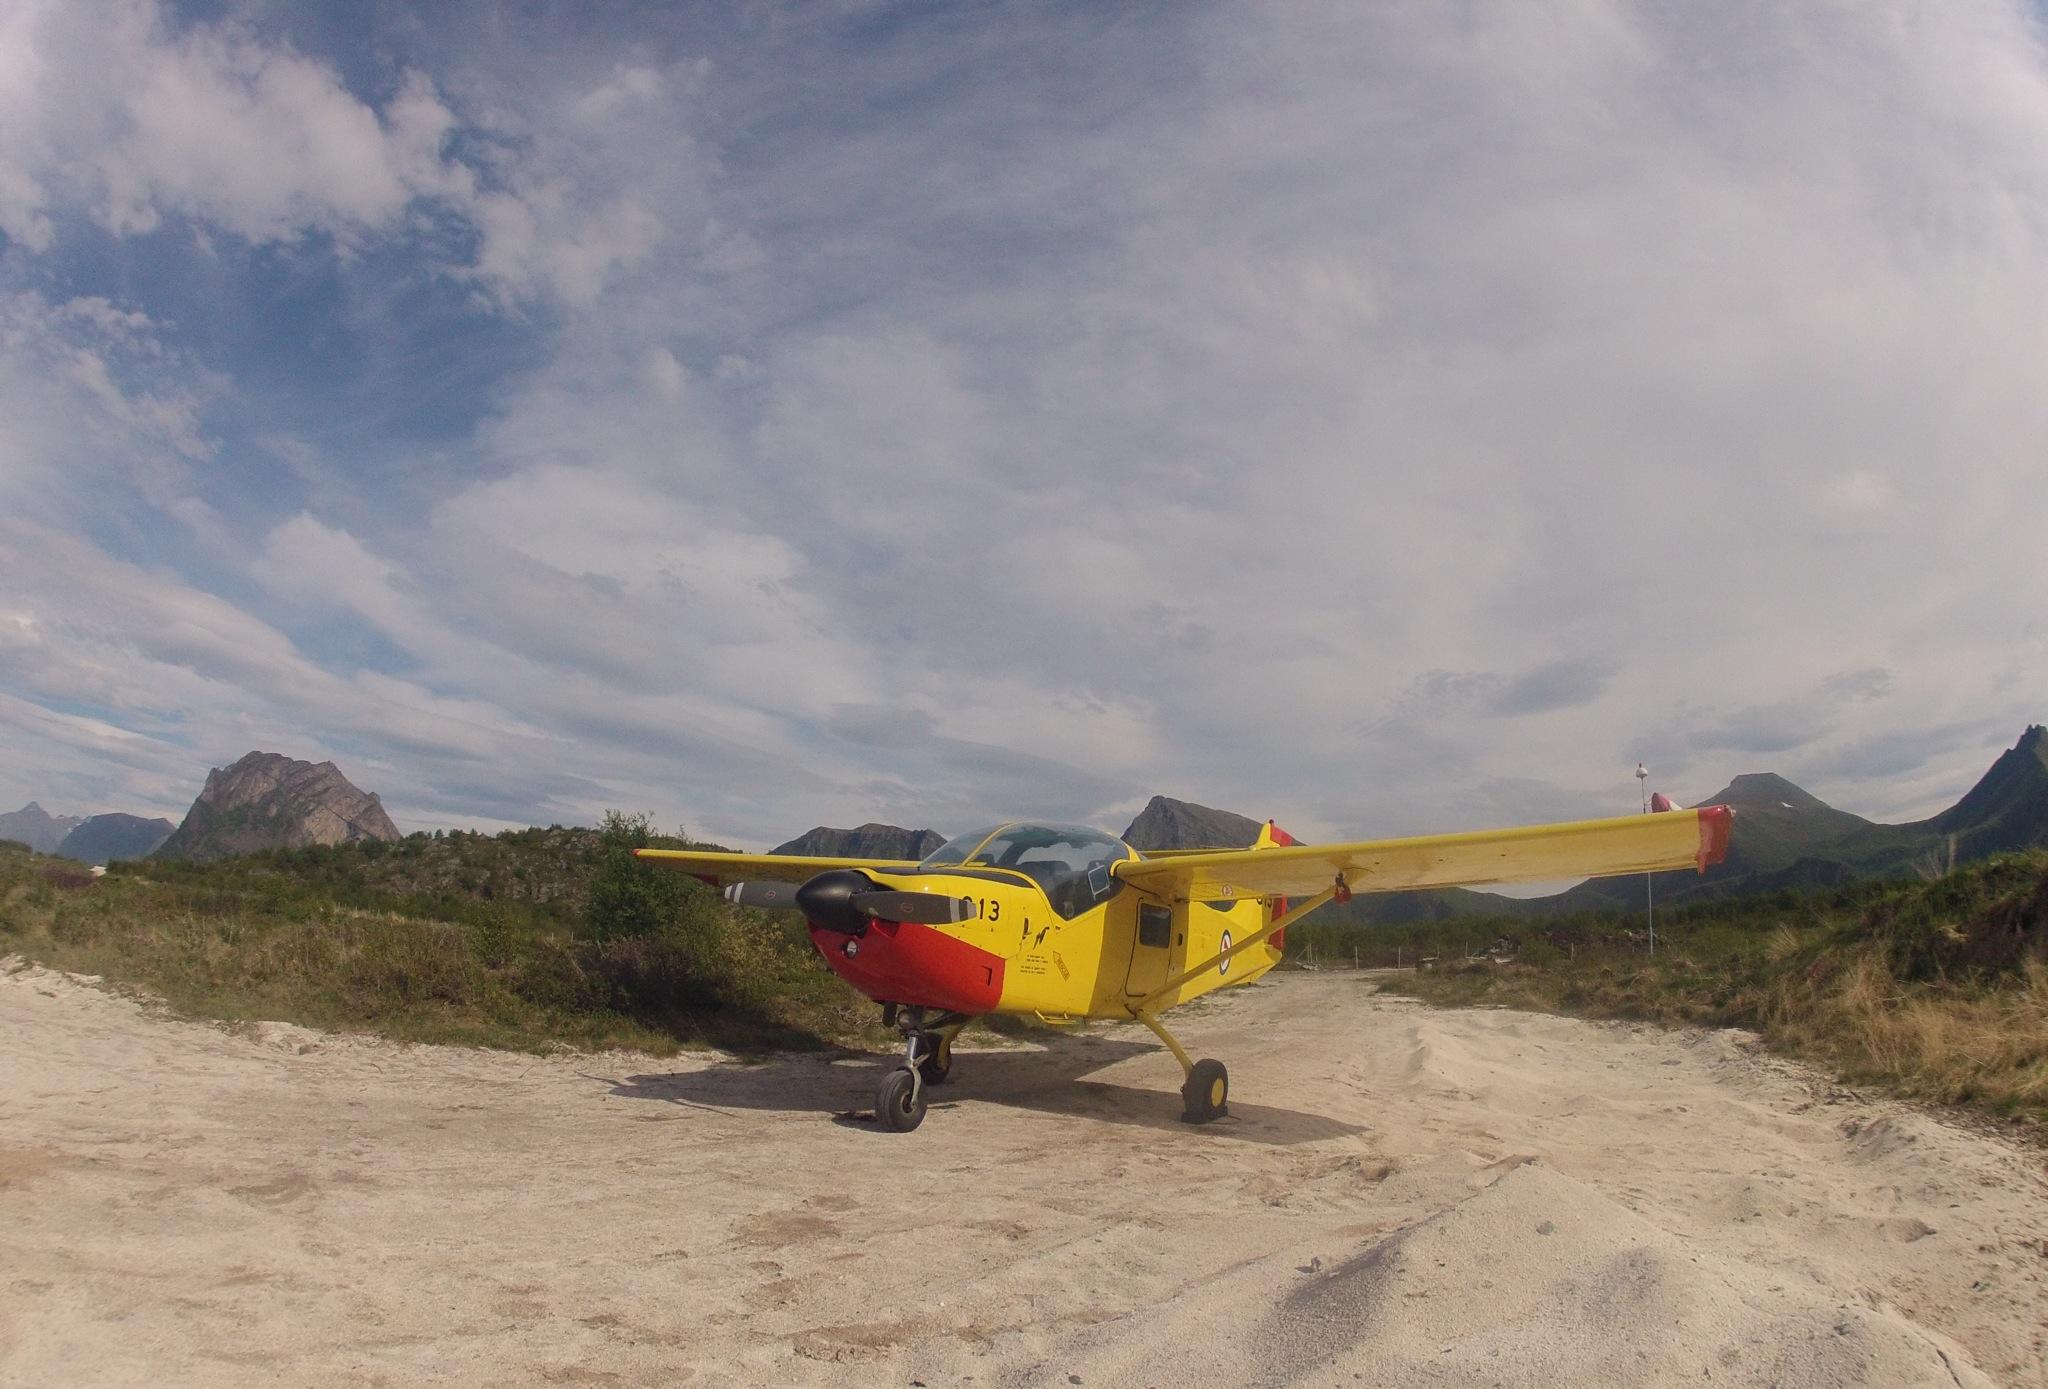 Luftforsvarets flygeskole  på Bardufoss sitt SAAB Safari skolefly